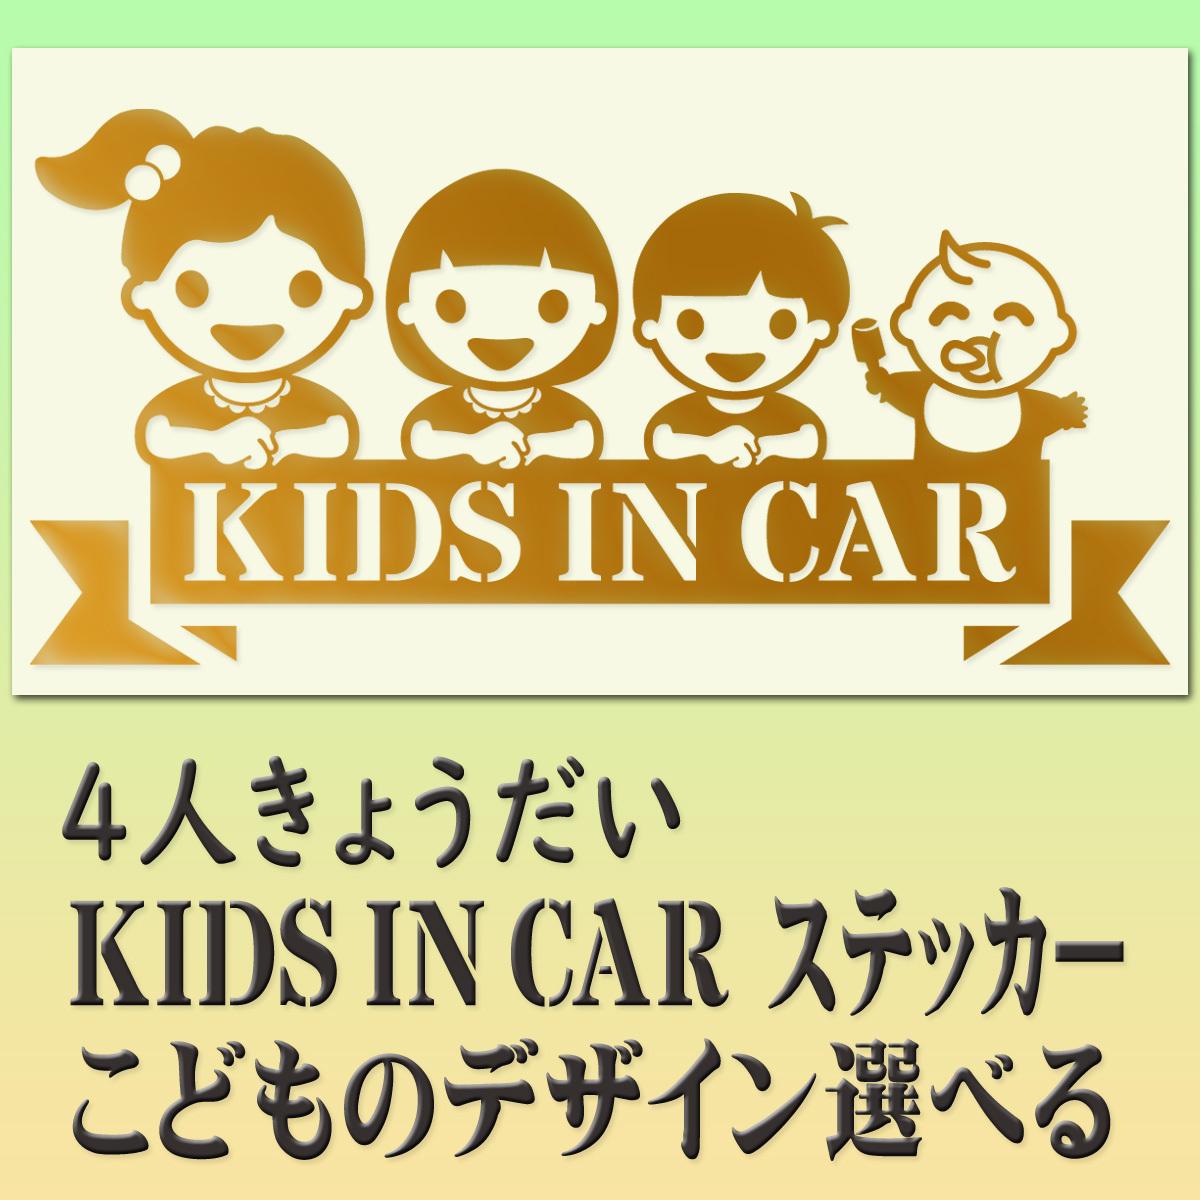 ●4人兄弟・姉妹 KIDSINCAR  ベビーインカーステッカー 選べるかわいい笑顔の子どもデザイン12種類 244_画像1